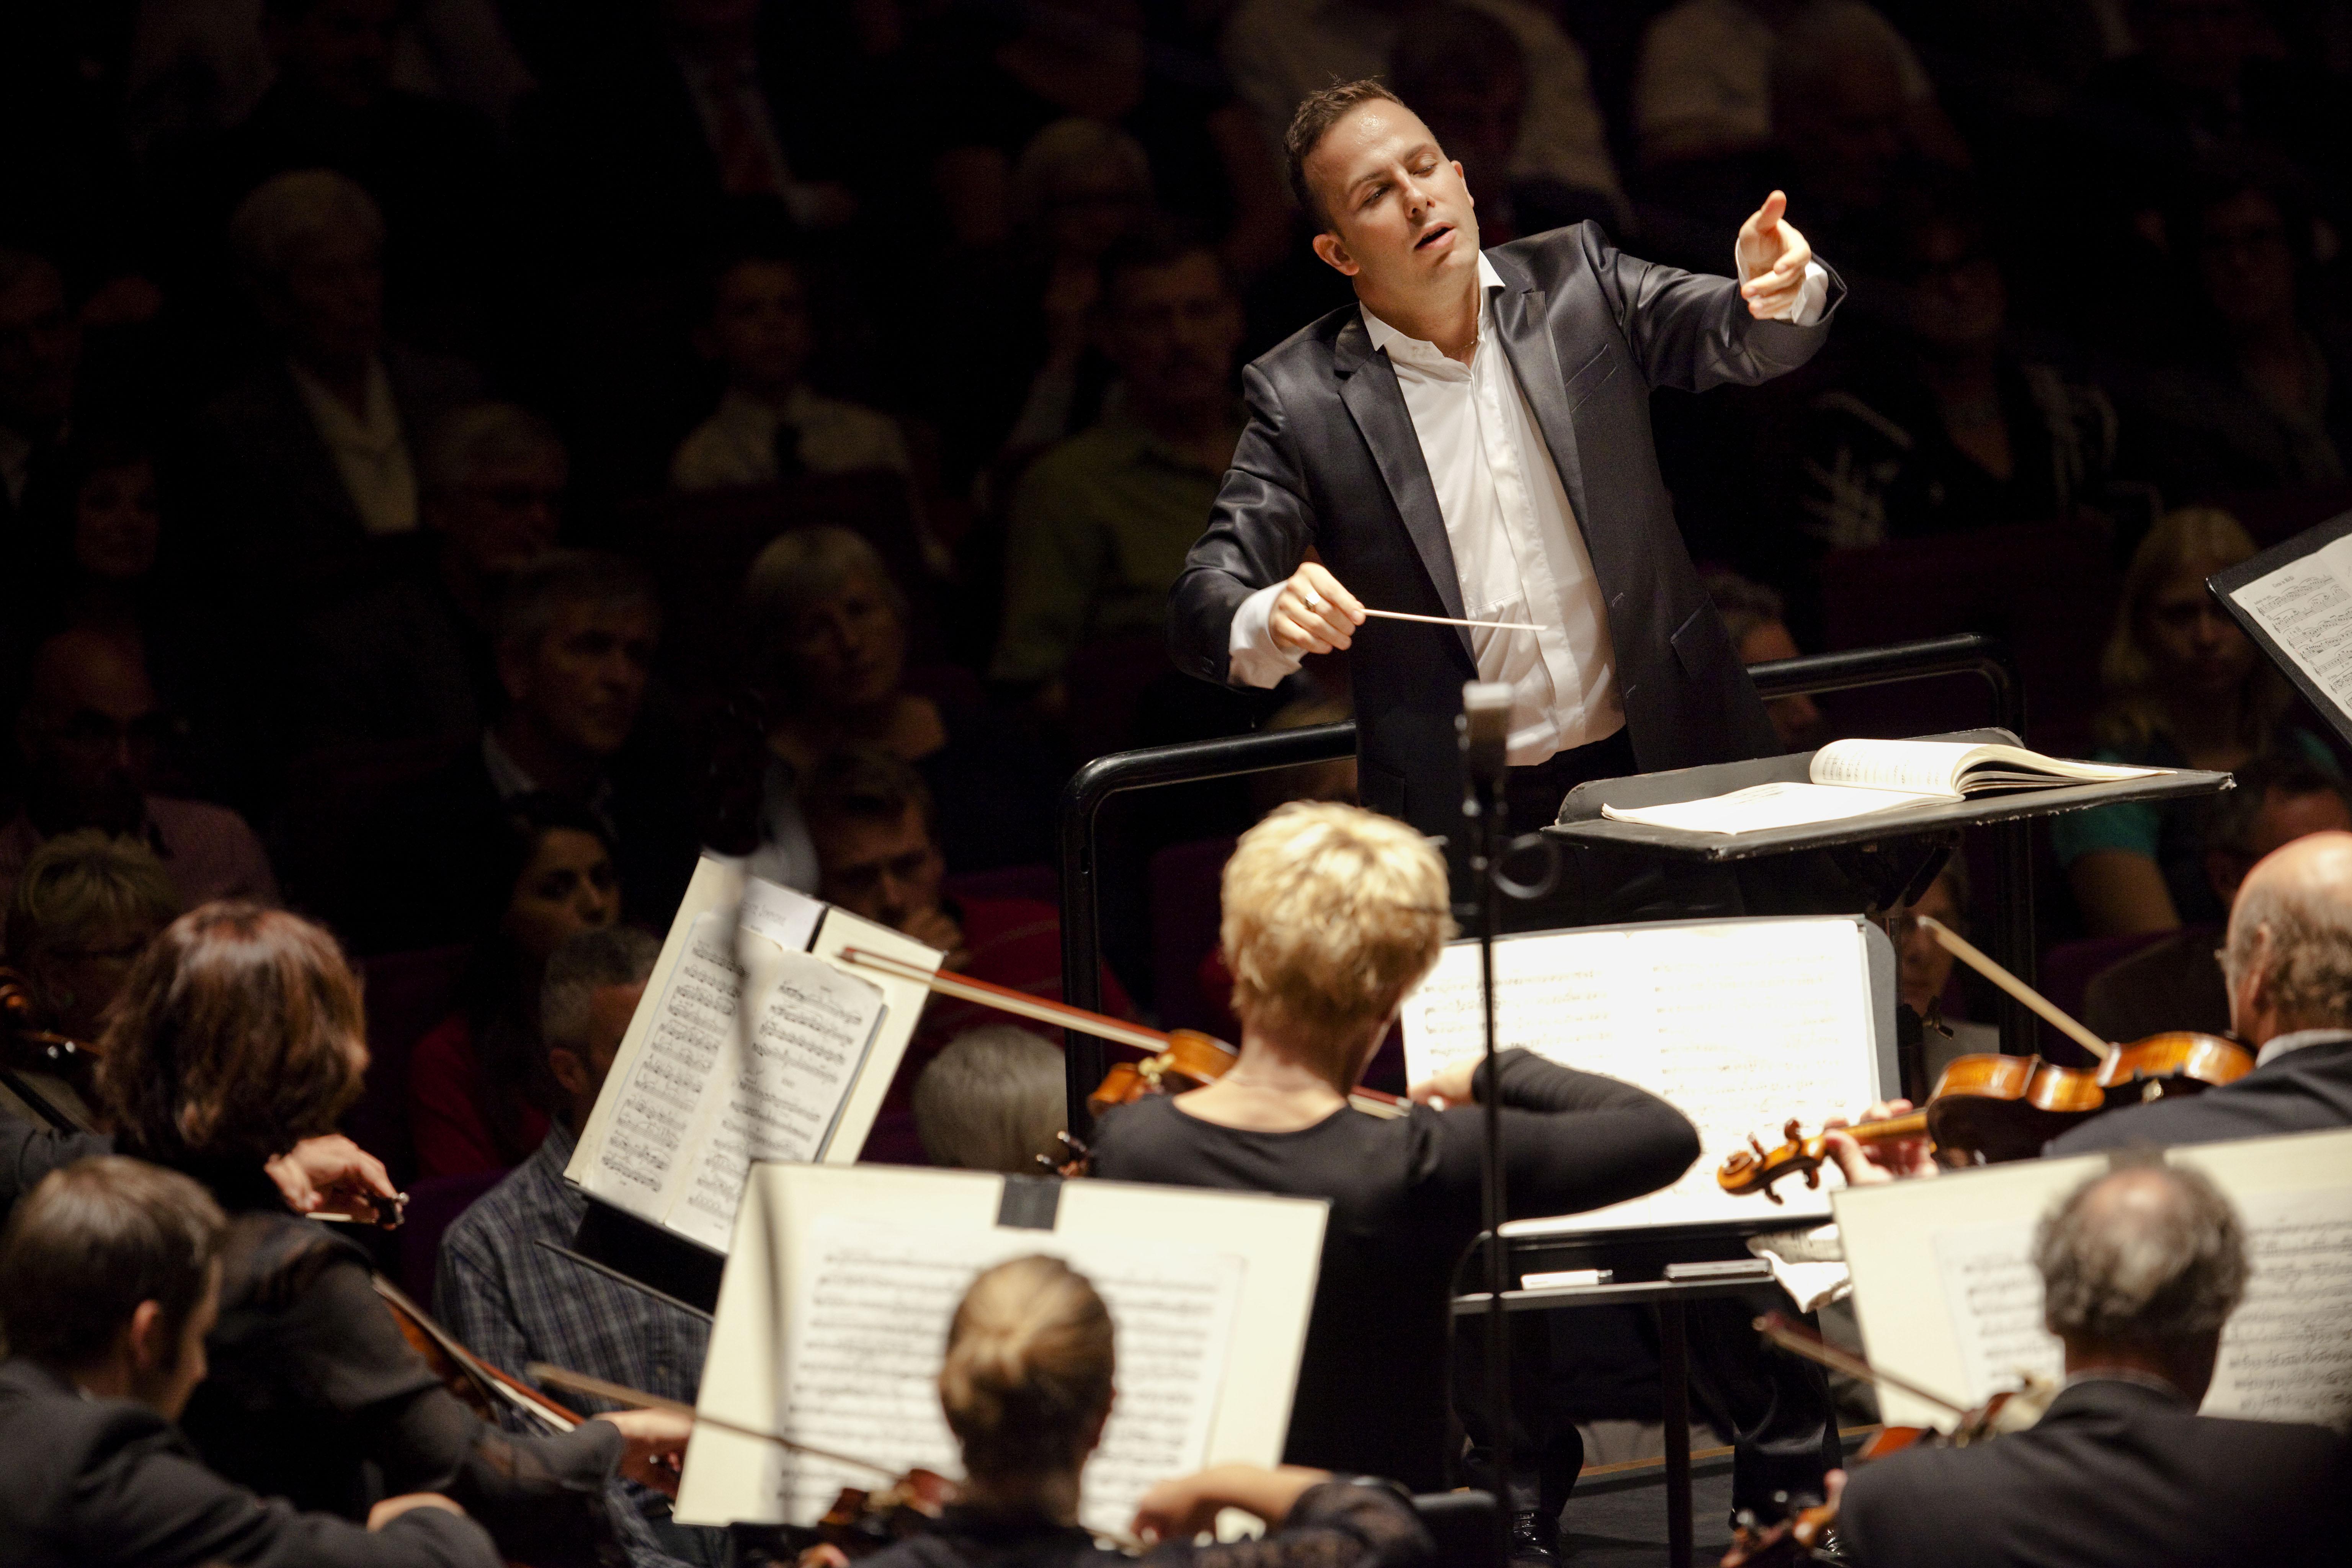 La Orquesta y Coro del Metropolitan ofrece su primer concierto tras el cierre del Met